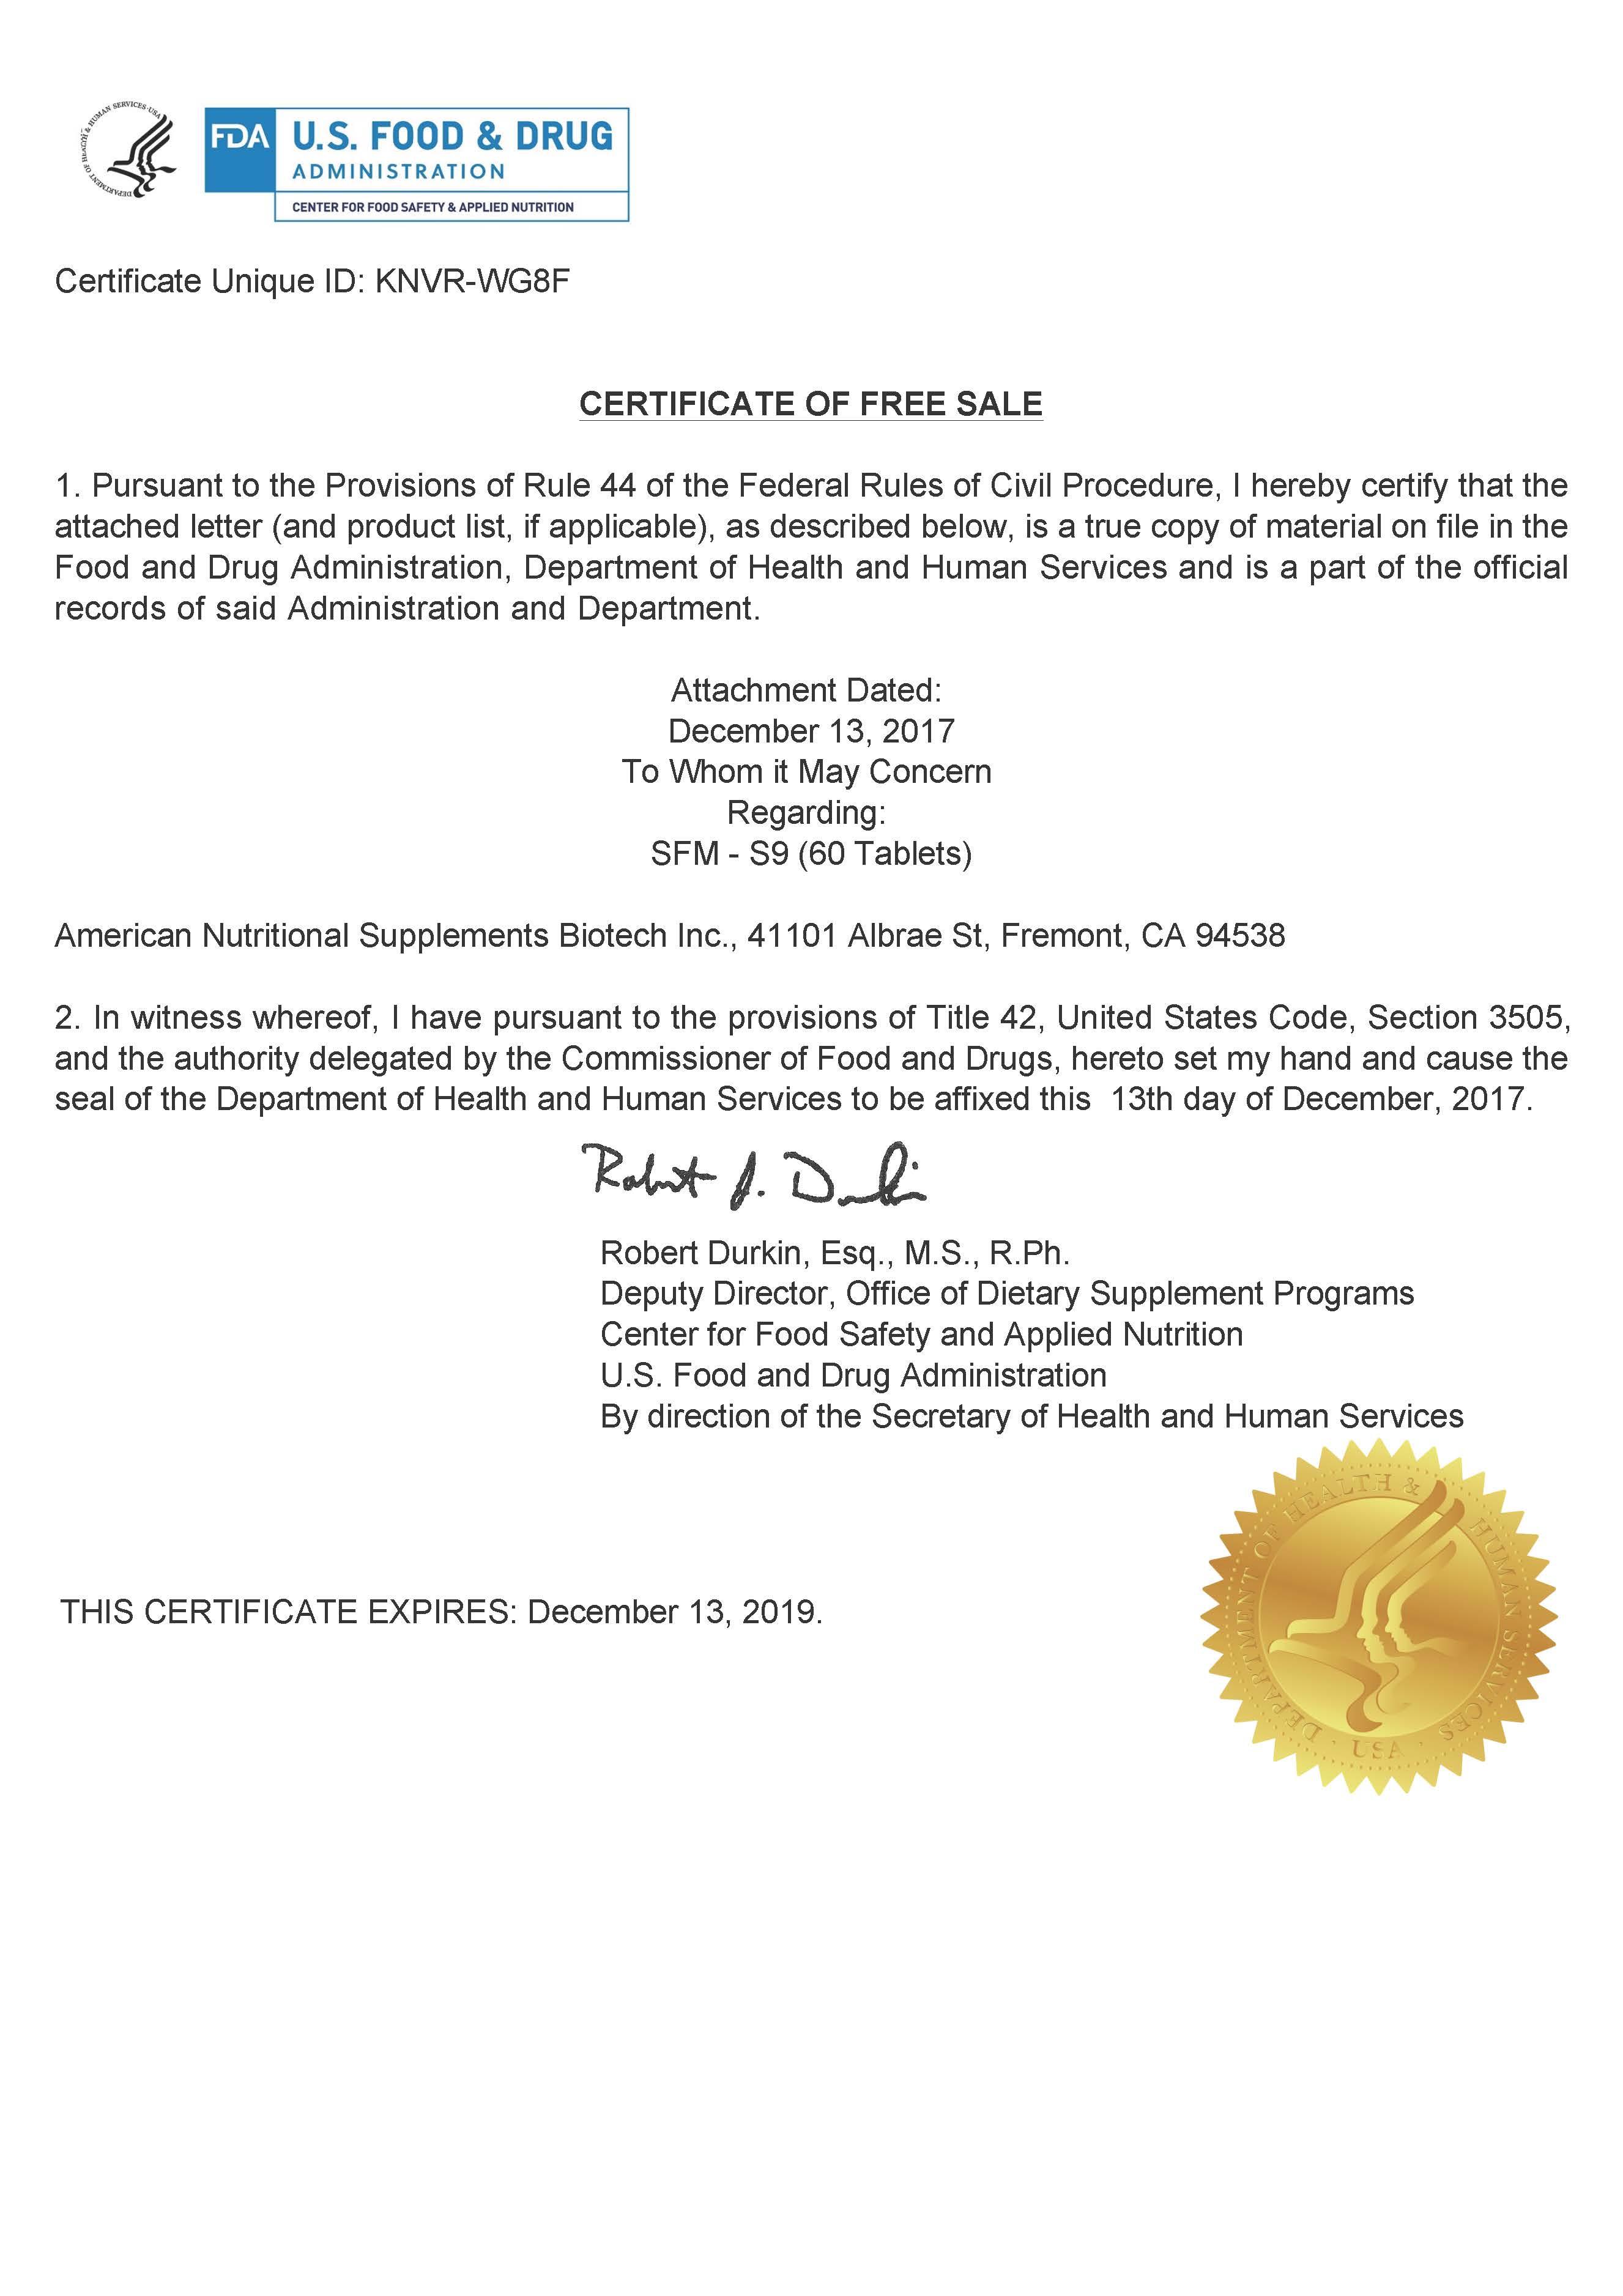 Eeaeuuk cfs or fsc certificate 18th invitation templates sample certificate free sale choice image certificate design and sfm s9 certificate of free sale sample yelopaper Image collections